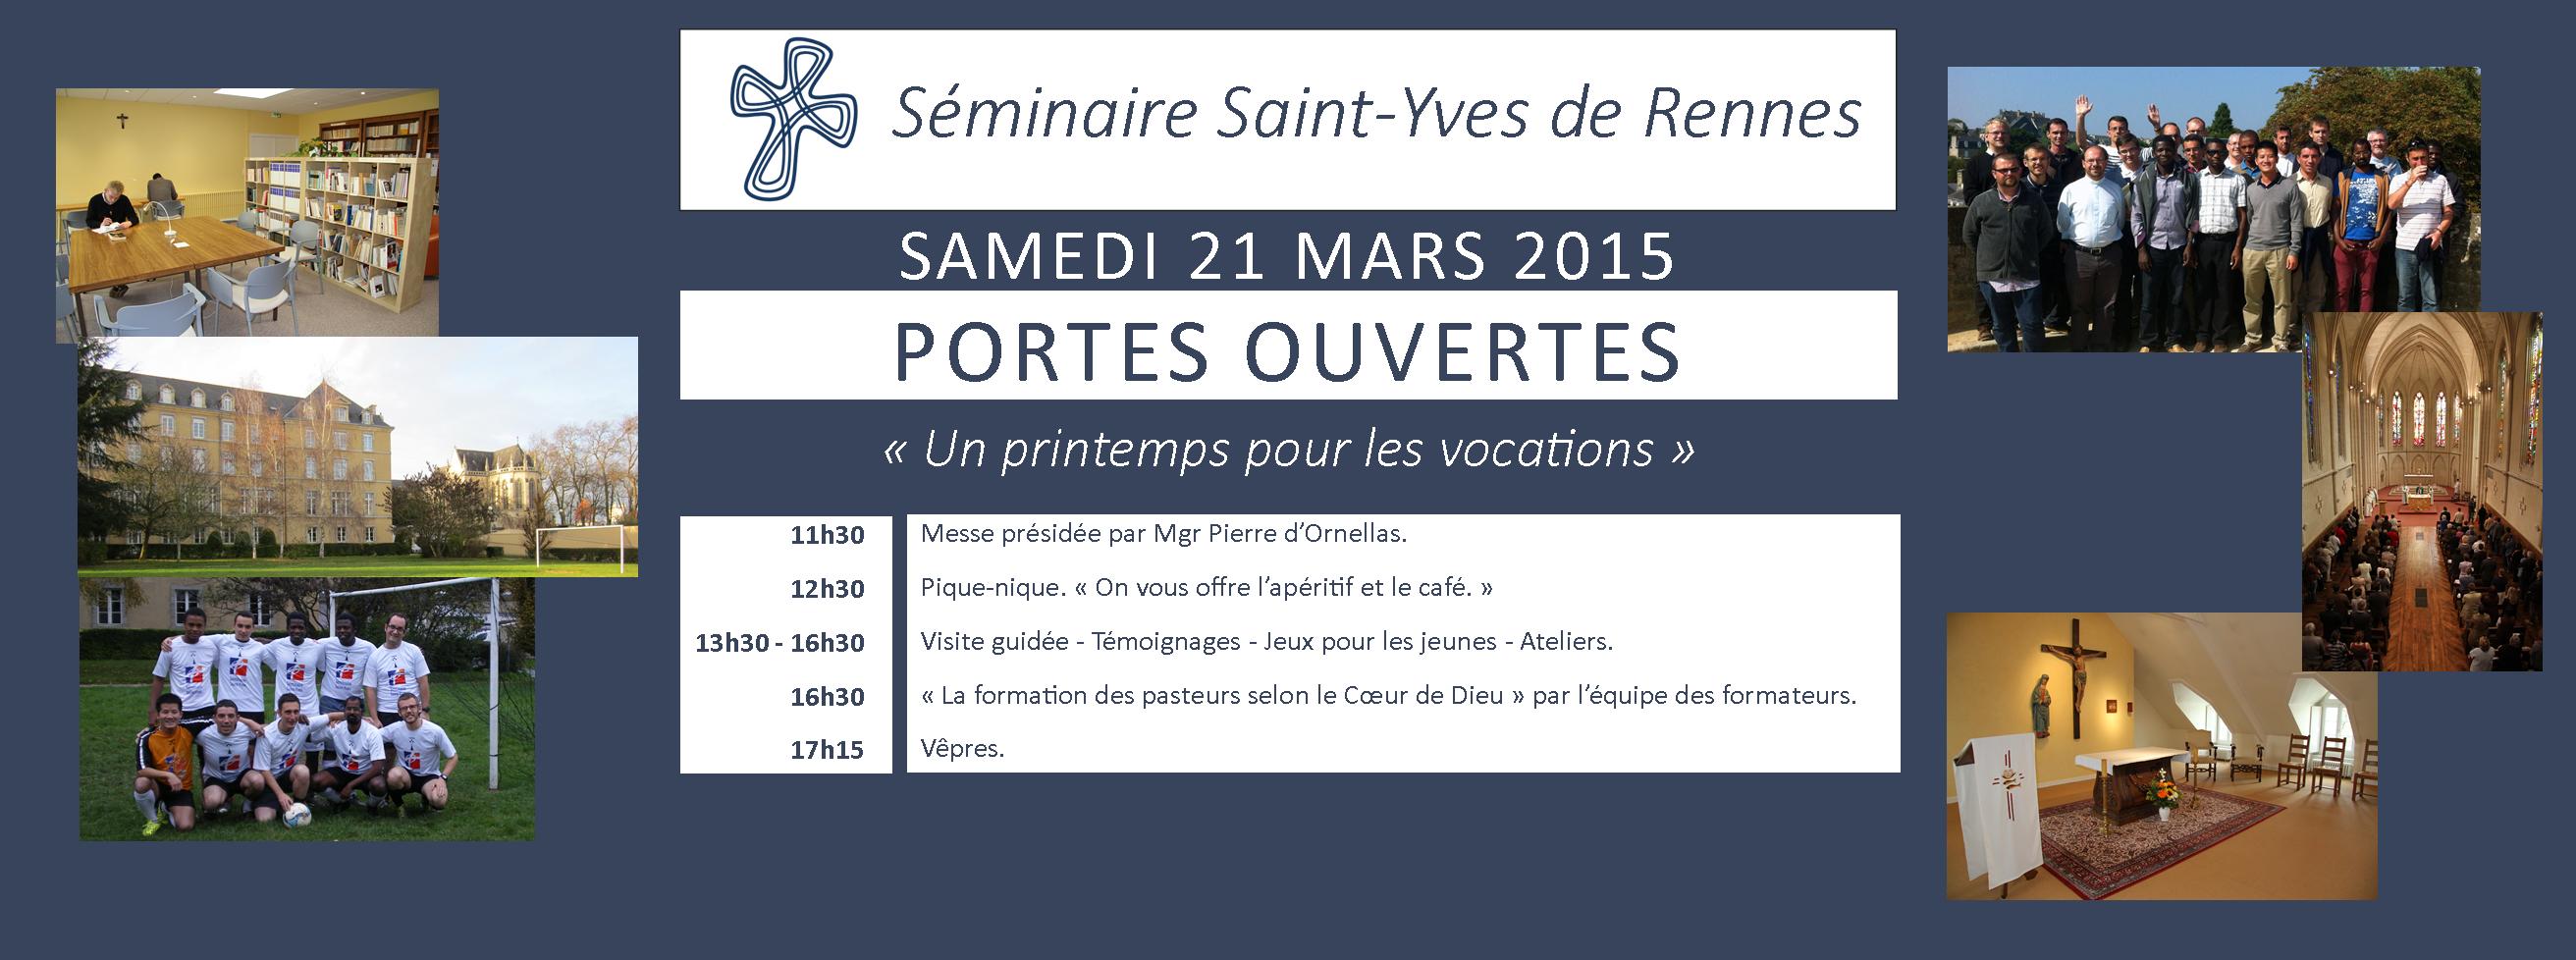 Portes ouvertes séminaire de Rennes 2015